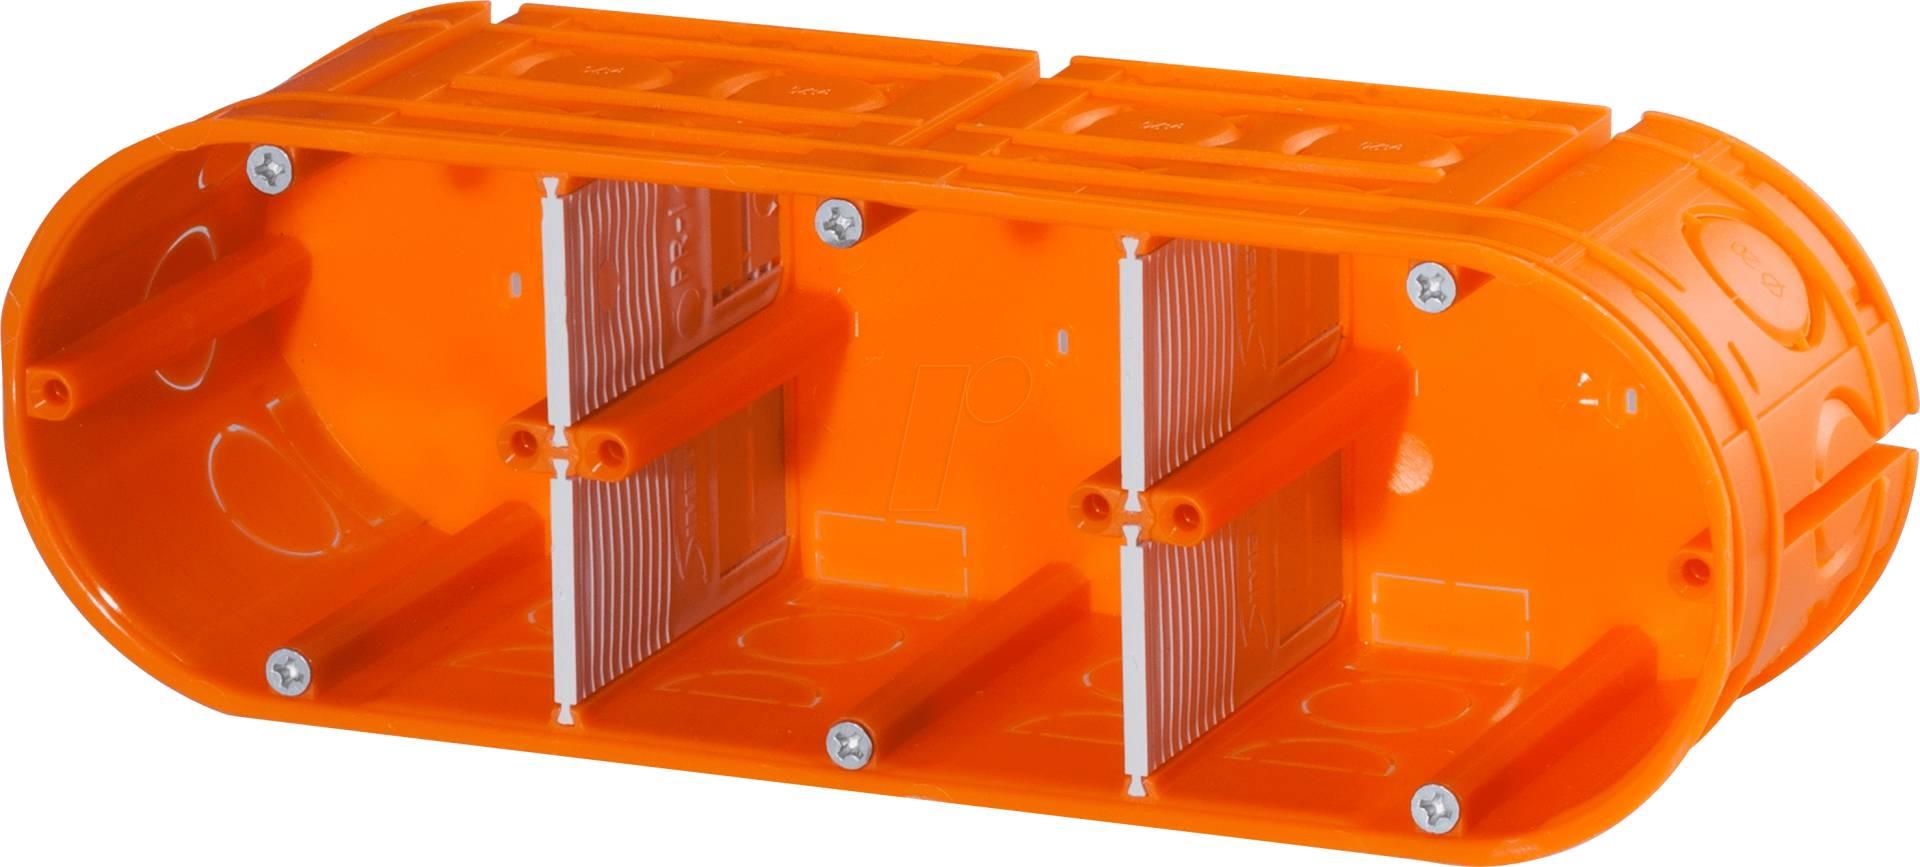 F-Tronic Unterputz-Gerätedose Mit Seitlichen Klemmräumen 10 St Inhalt E510